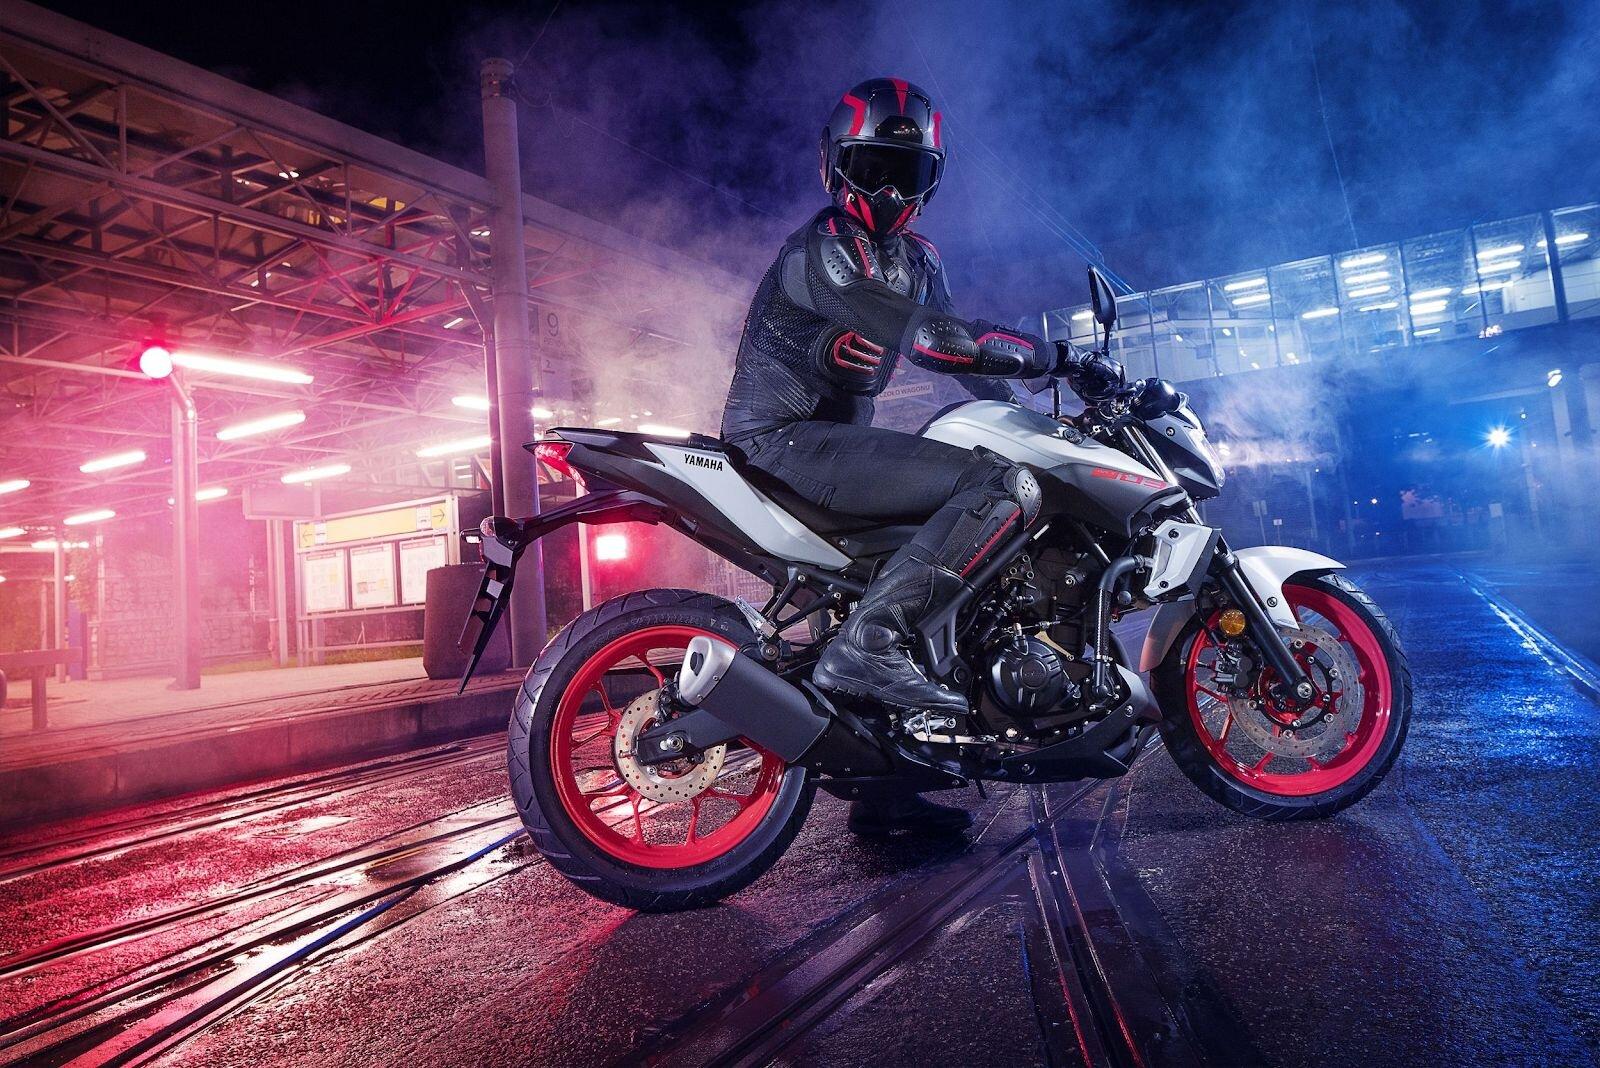 Yamaha MT-03 ABS cùng bạn chinh phục mọi cung đường